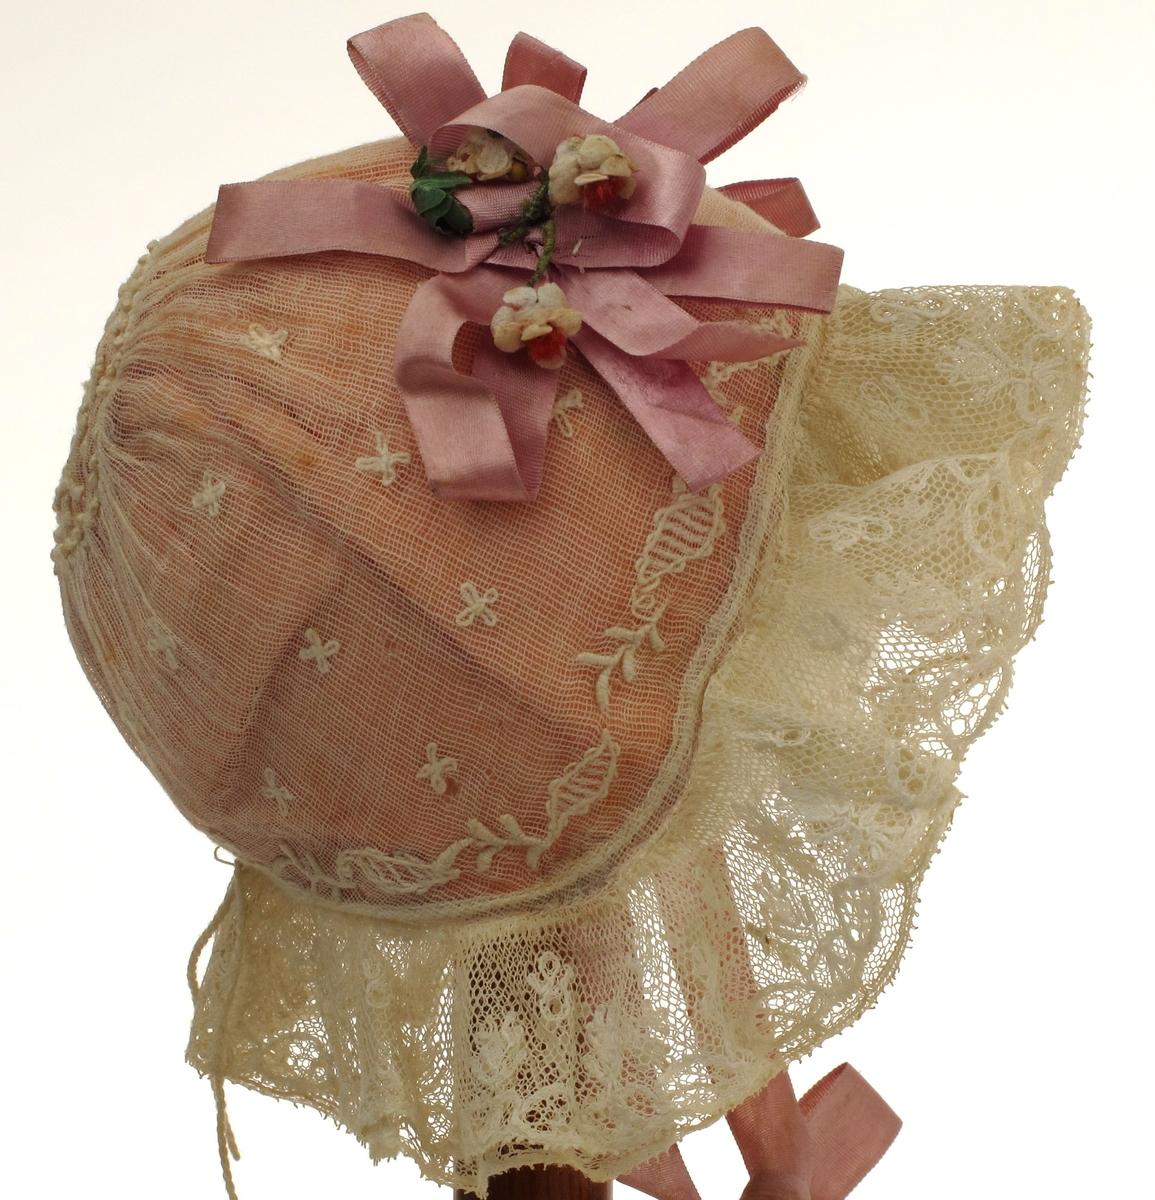 Dåpslue, kysefasong som kvinnekyser fra 1830 årene:  Tyll med små firbladblomster og grenbord langs kanten, rynket til sirkulært felt på issen. under tyllen rosa  silke. Langs kanten to tyllblondekapper over hverandre, over tinningene to sløyfer av lilla silkebånd knyttebånd av samme. Sløyfene har små tøyblomster.